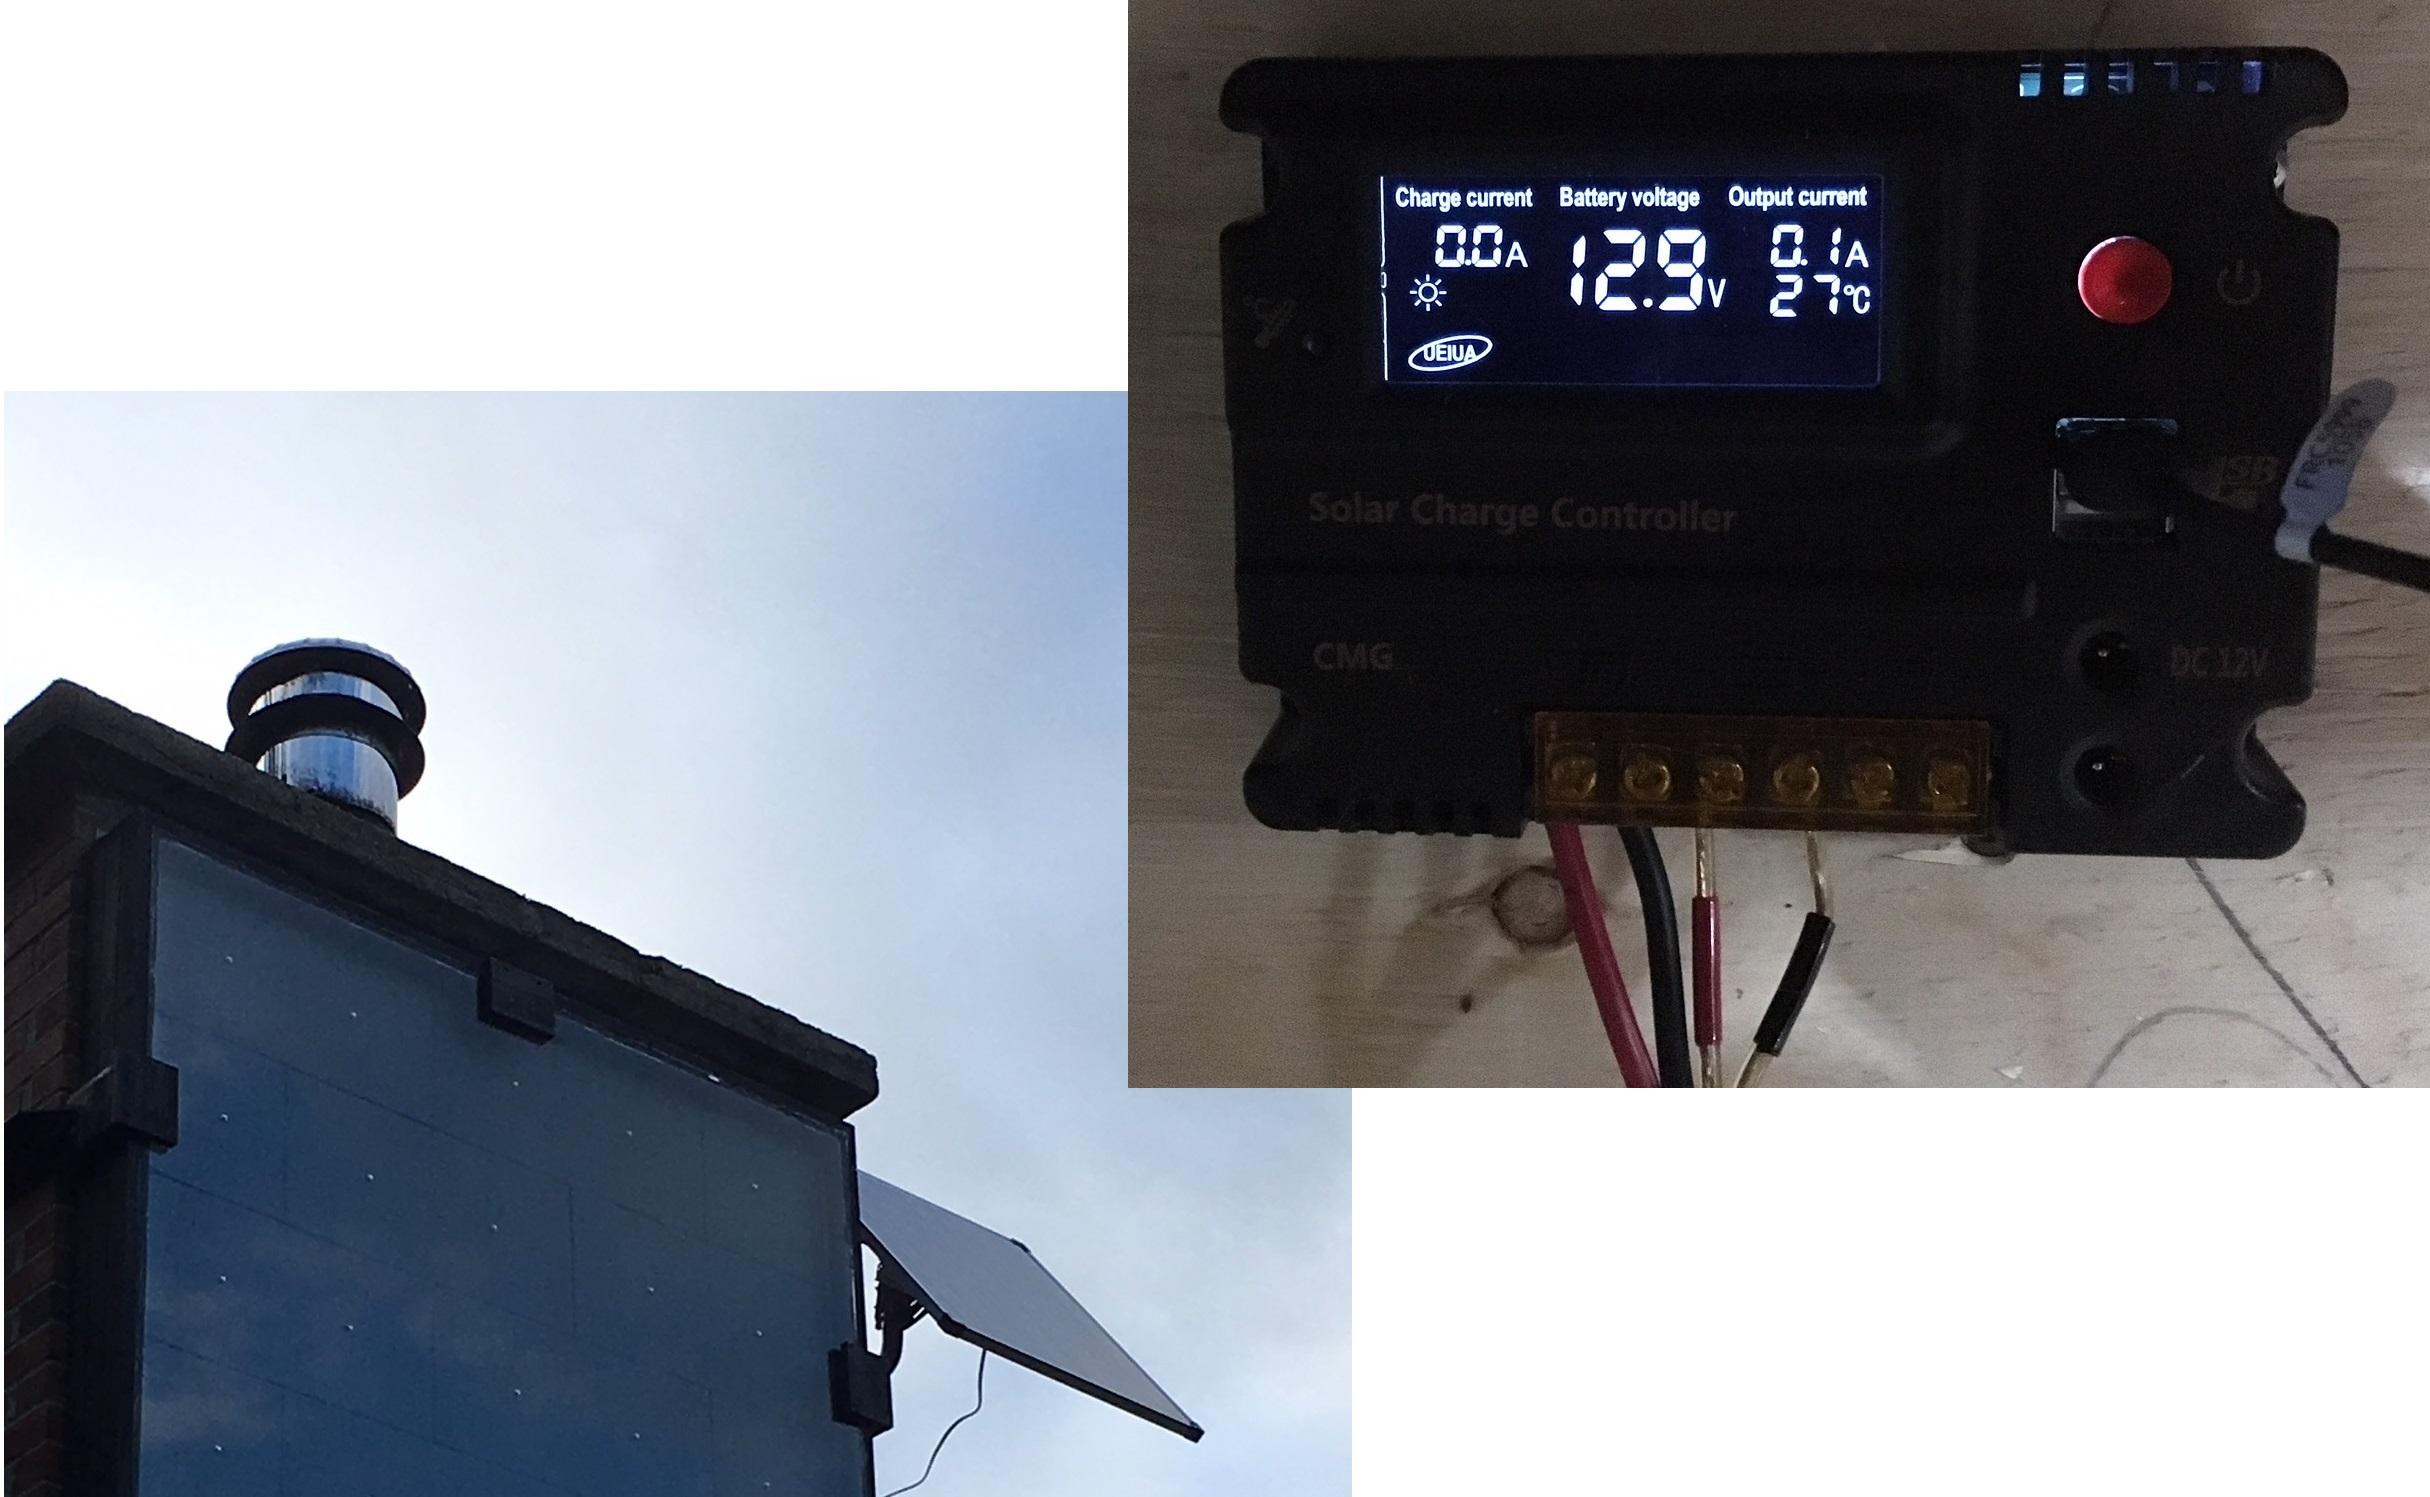 Panneau photovoltaïque 80W & contrôleur